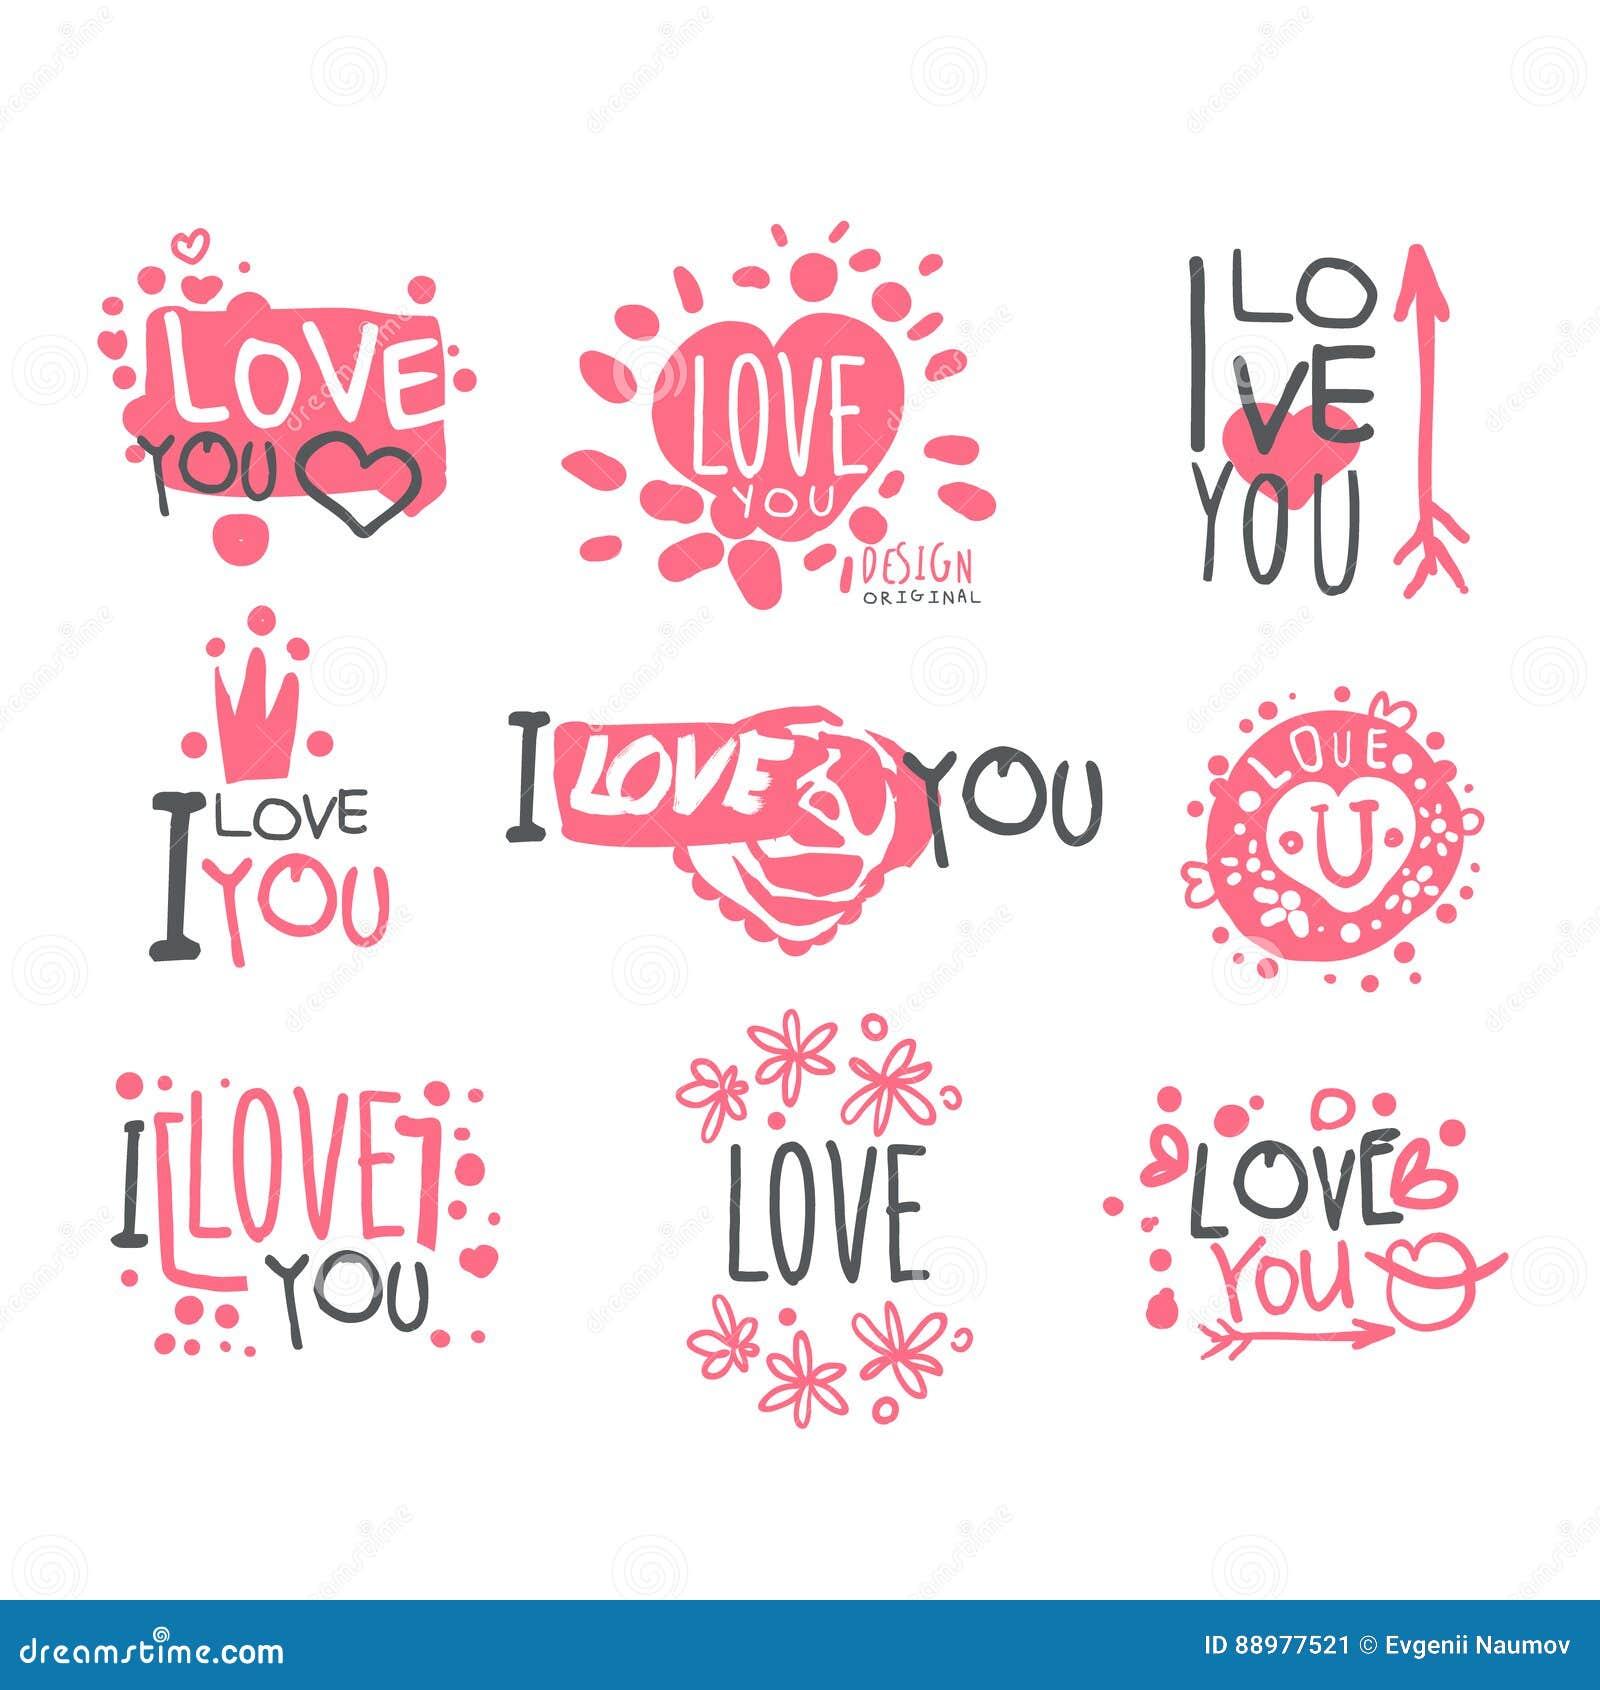 Romantische Ich Liebe Dich Mitteilung Für St.-Valentinsgruß ...